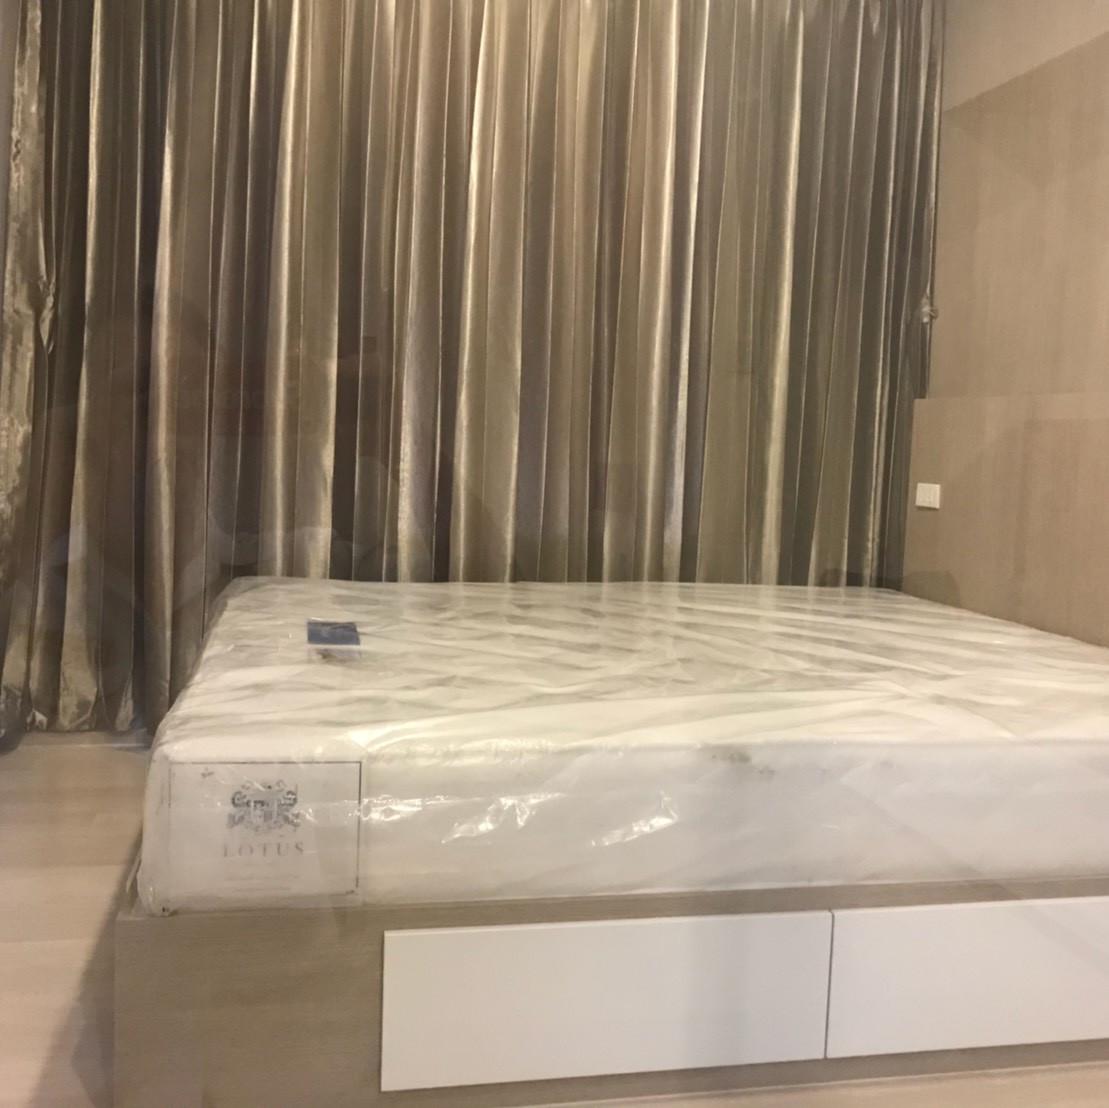 รูปของประกาศขายคอนโดไลฟ์ อโศก-พระราม 9(1 ห้องนอน)(4)